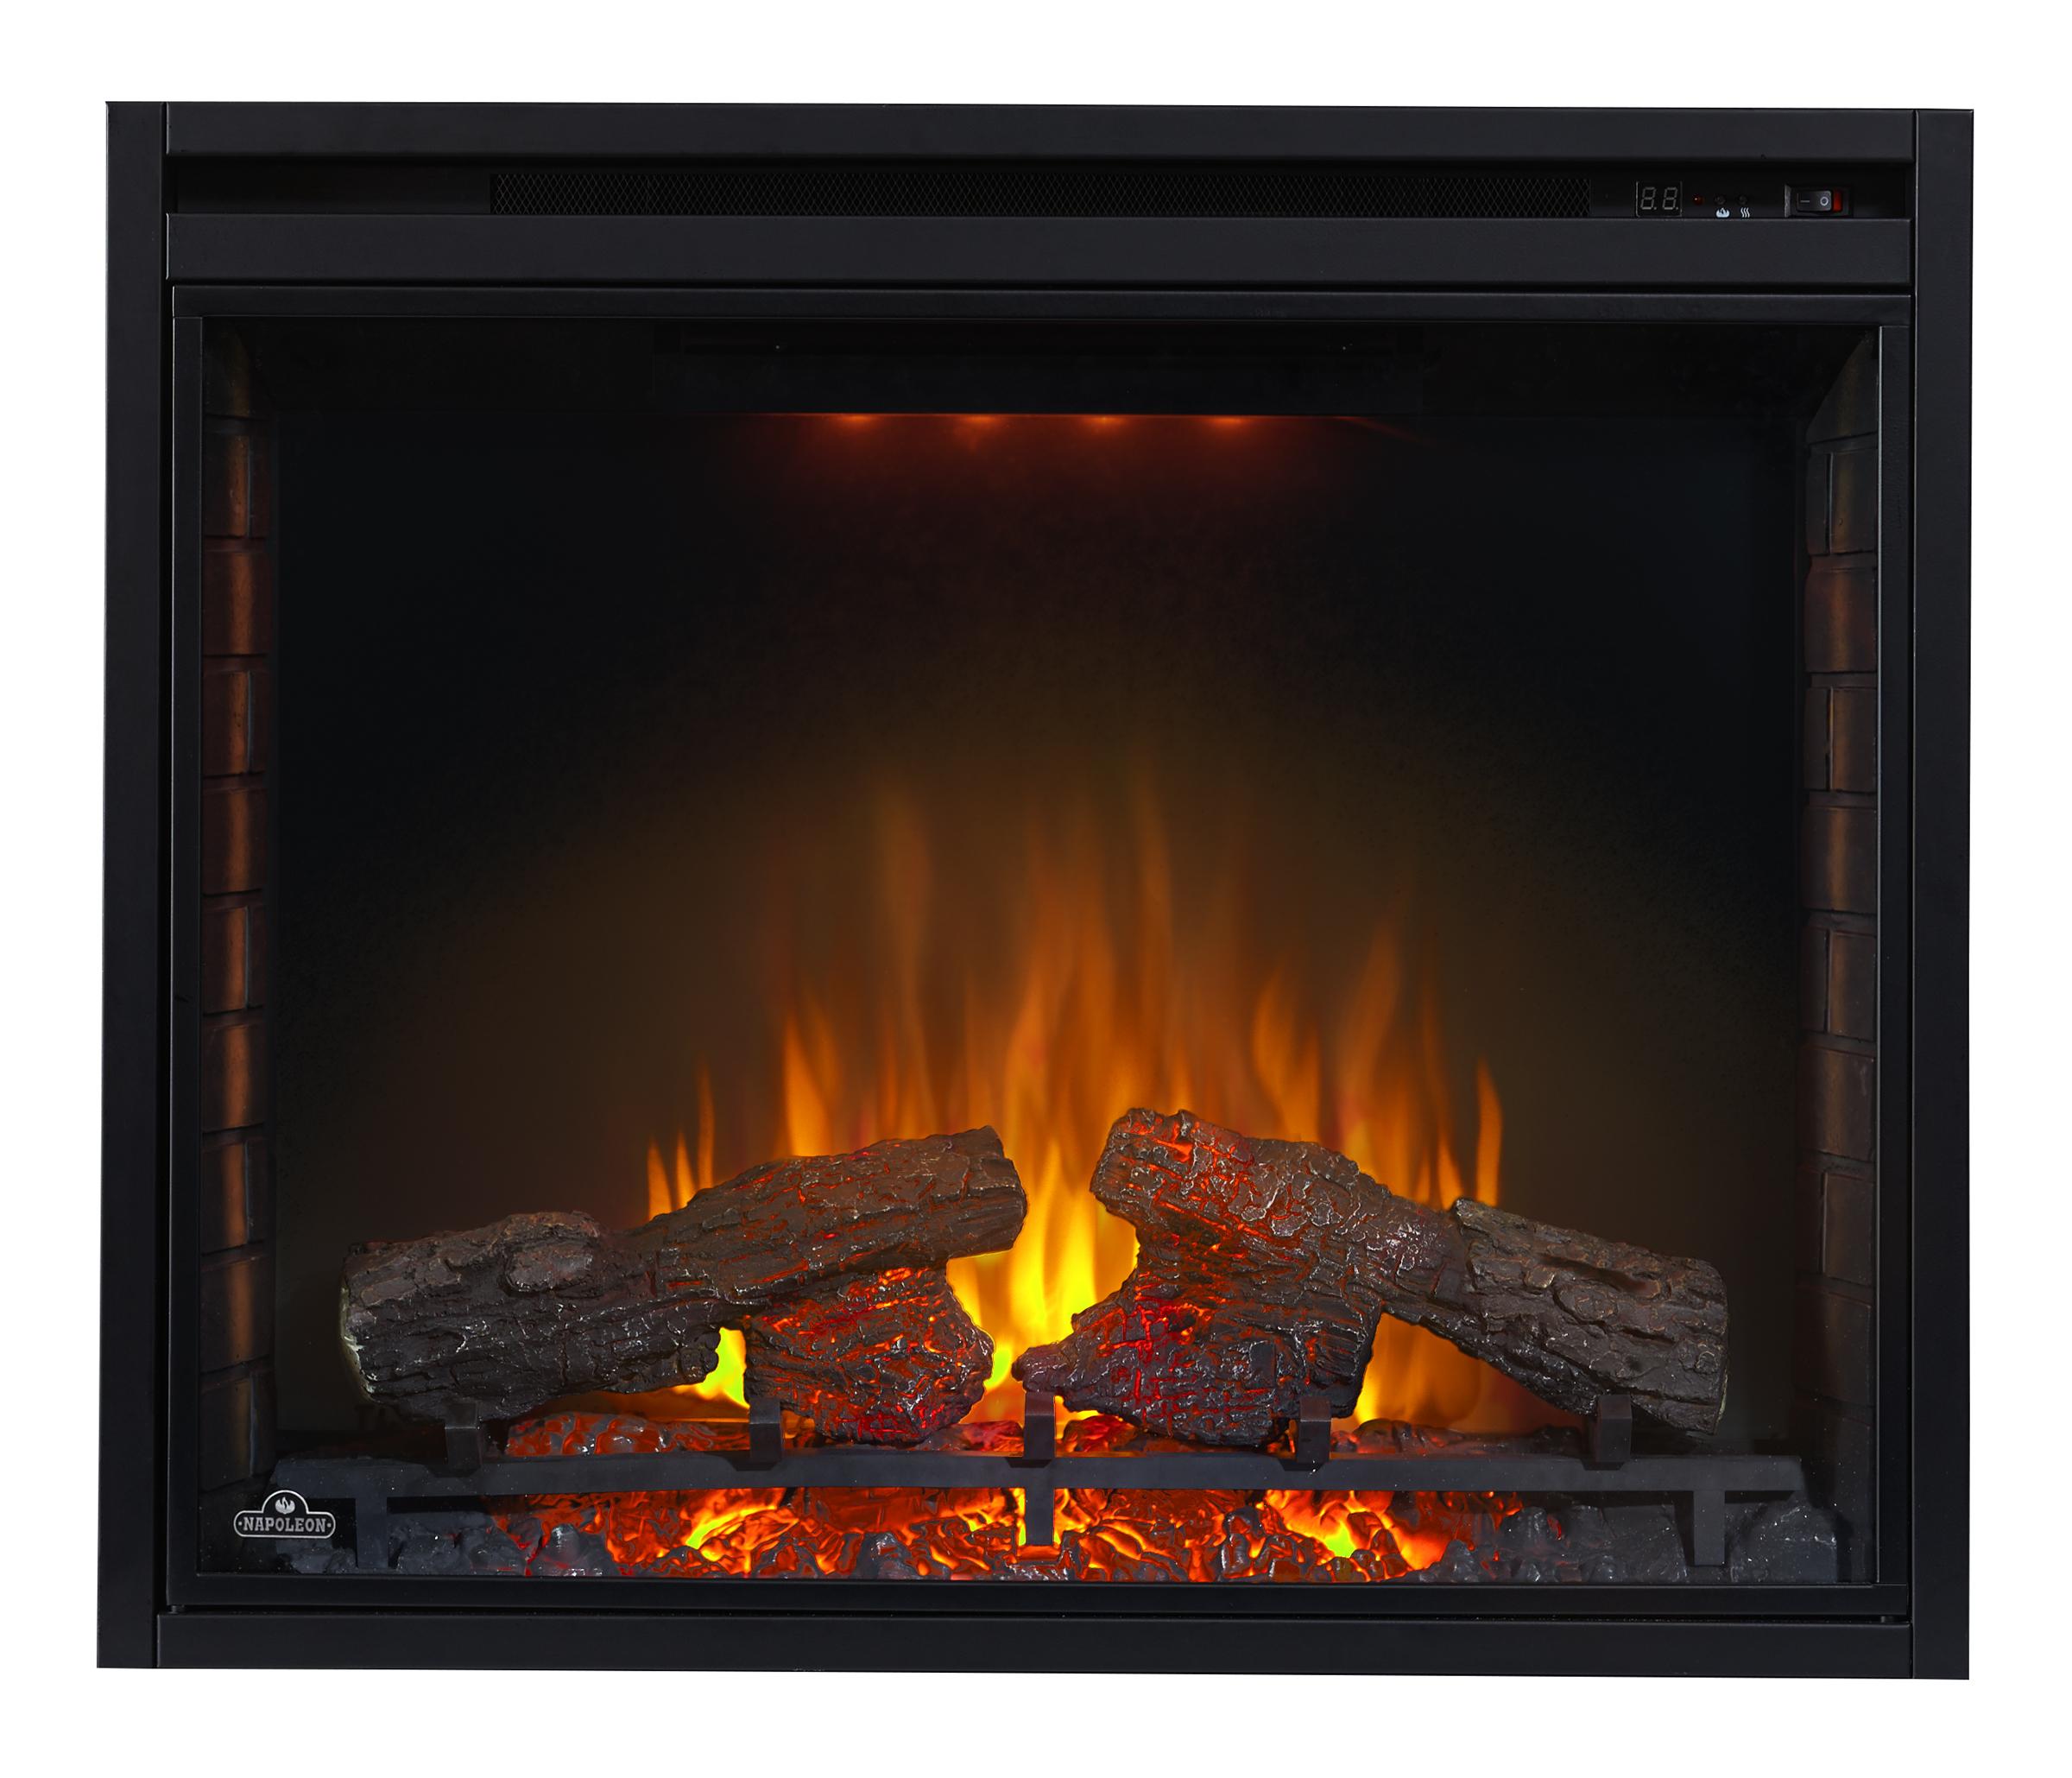 bef33h-orange-napoleon-fireplaces.jpg